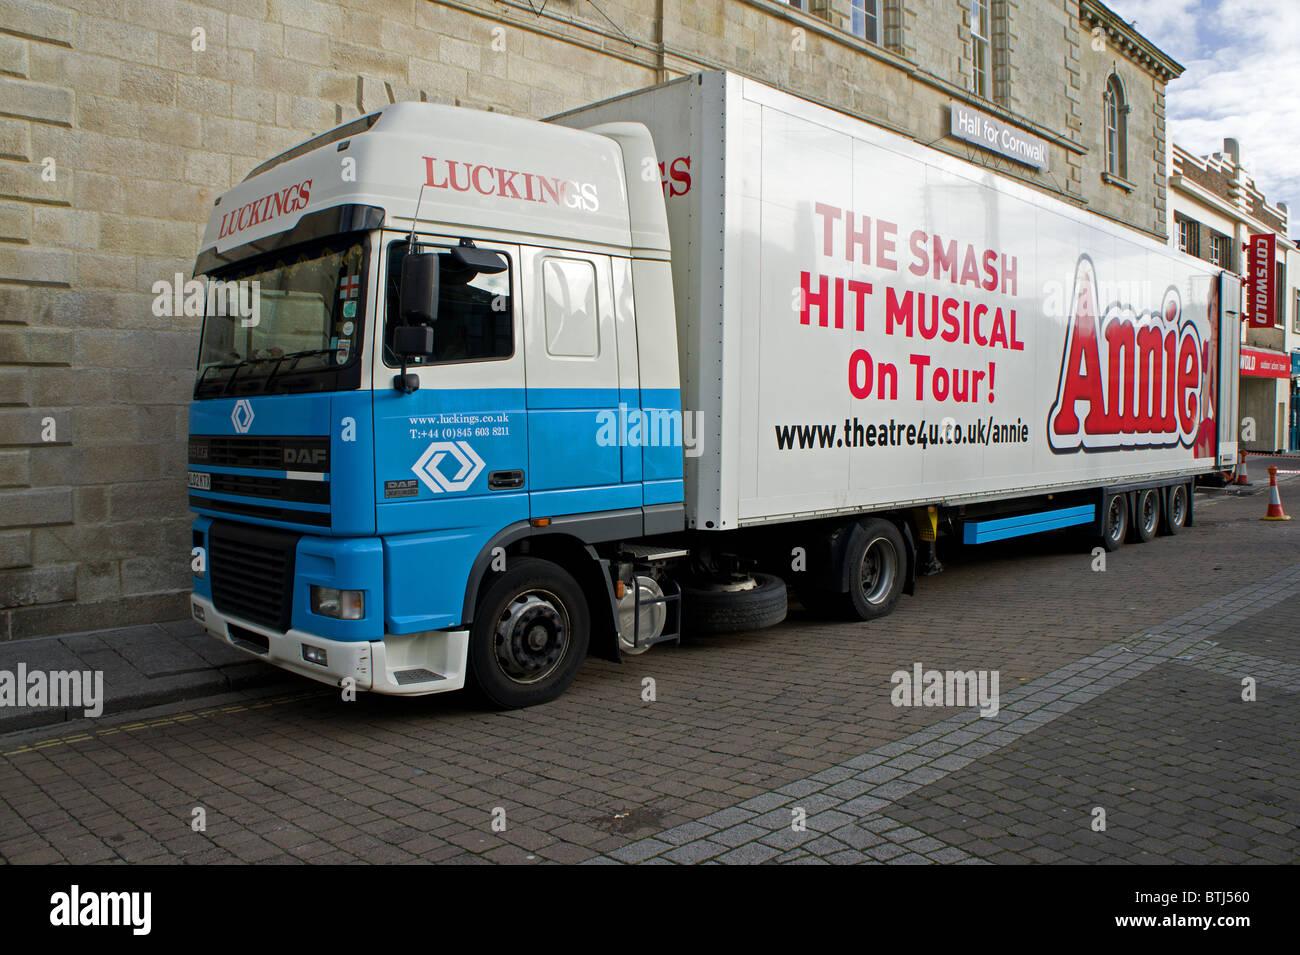 Le hit musical ' Annie ' équipement de scène de théâtre à l'extérieur d'une voiture de livraison à Truro, Cornwall, UK Banque D'Images